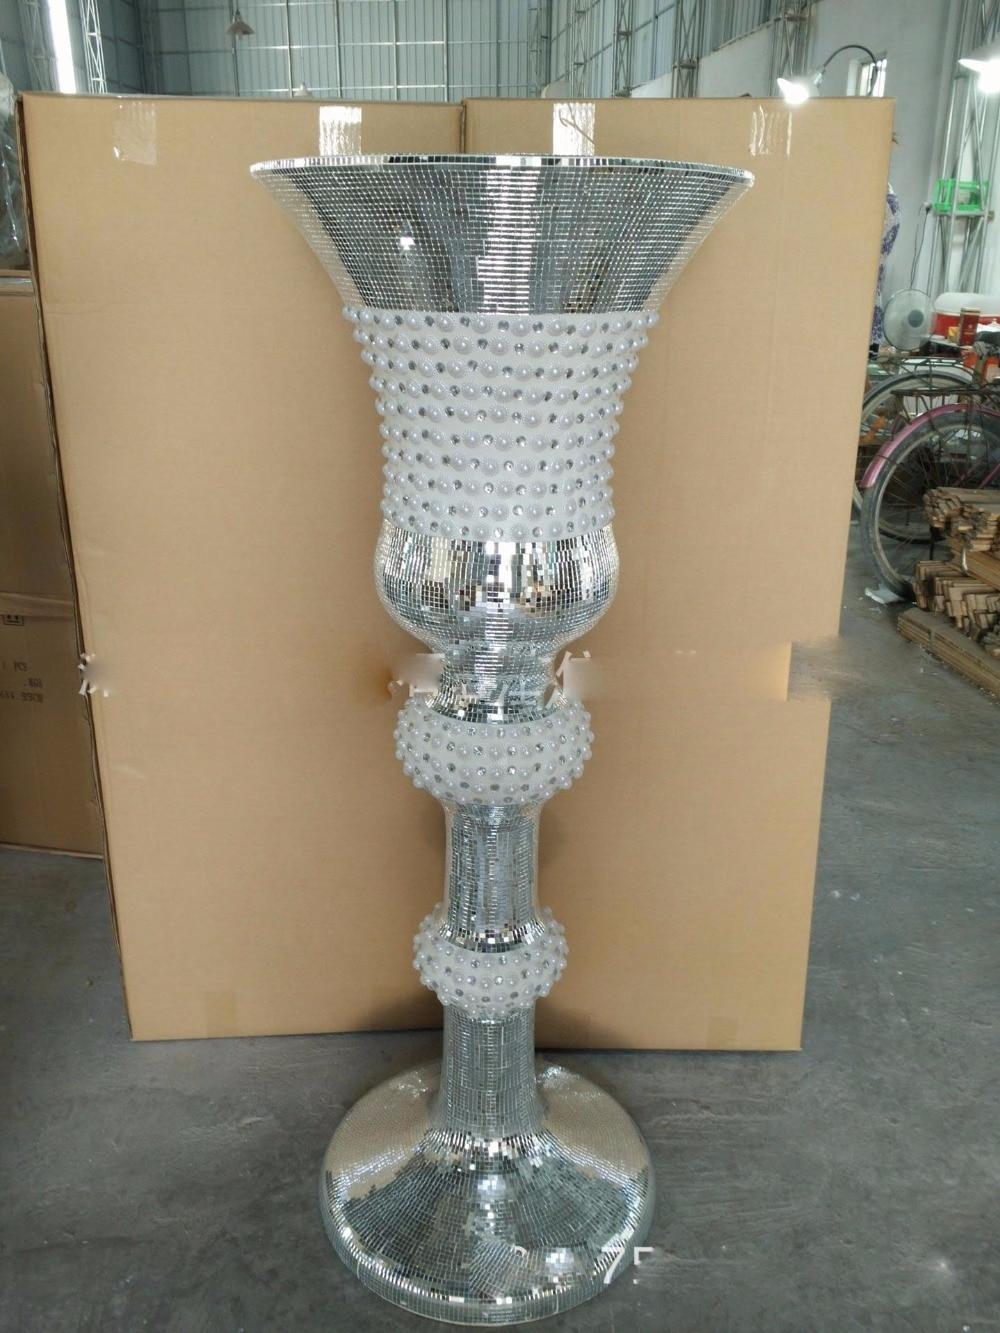 Novelty Set Auger Floor Vase Of The Living Room Hotel KTV Decorative Big  Size Vase( Part 53